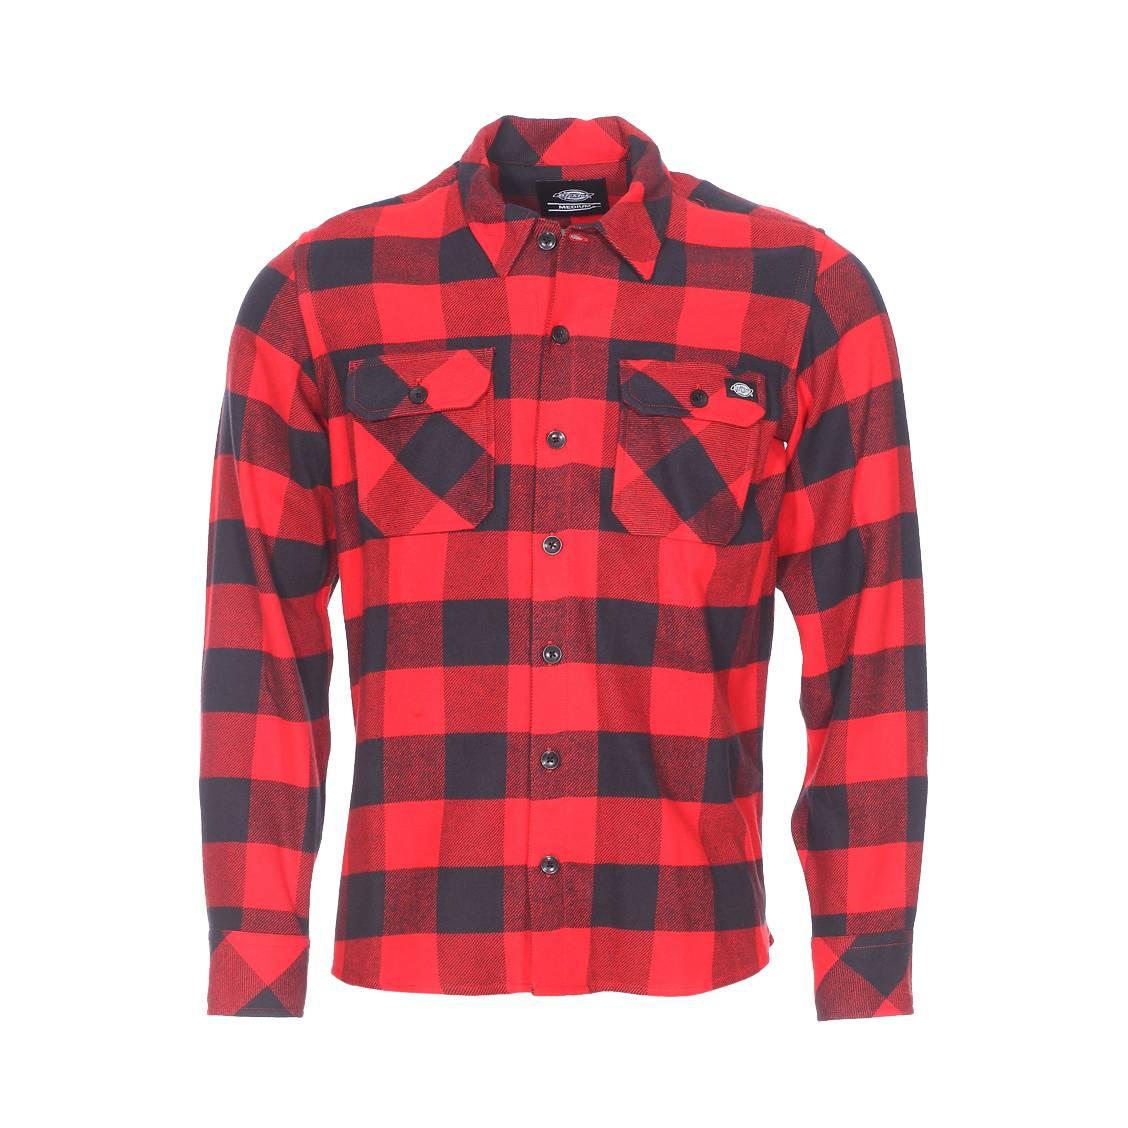 Chemise droite sacramento  en coton à carreaux rouges et noirs